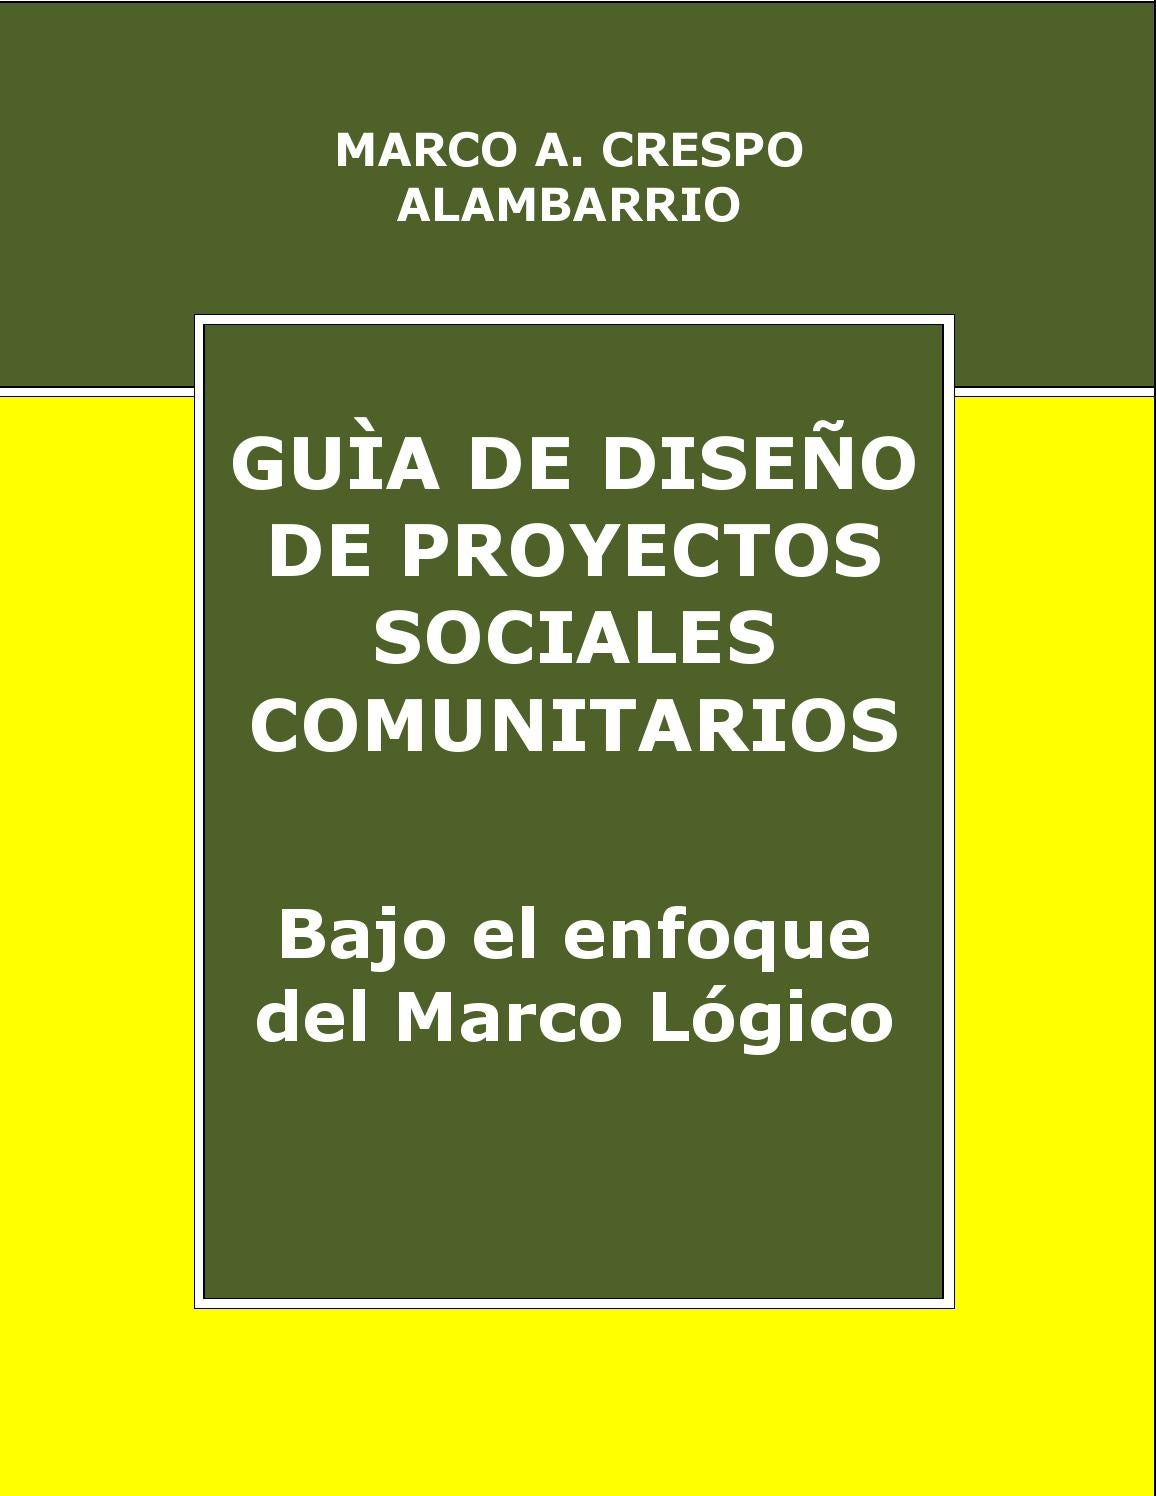 Guía de diseño de proyectos sociales comunitarios bajo el enfoque ...